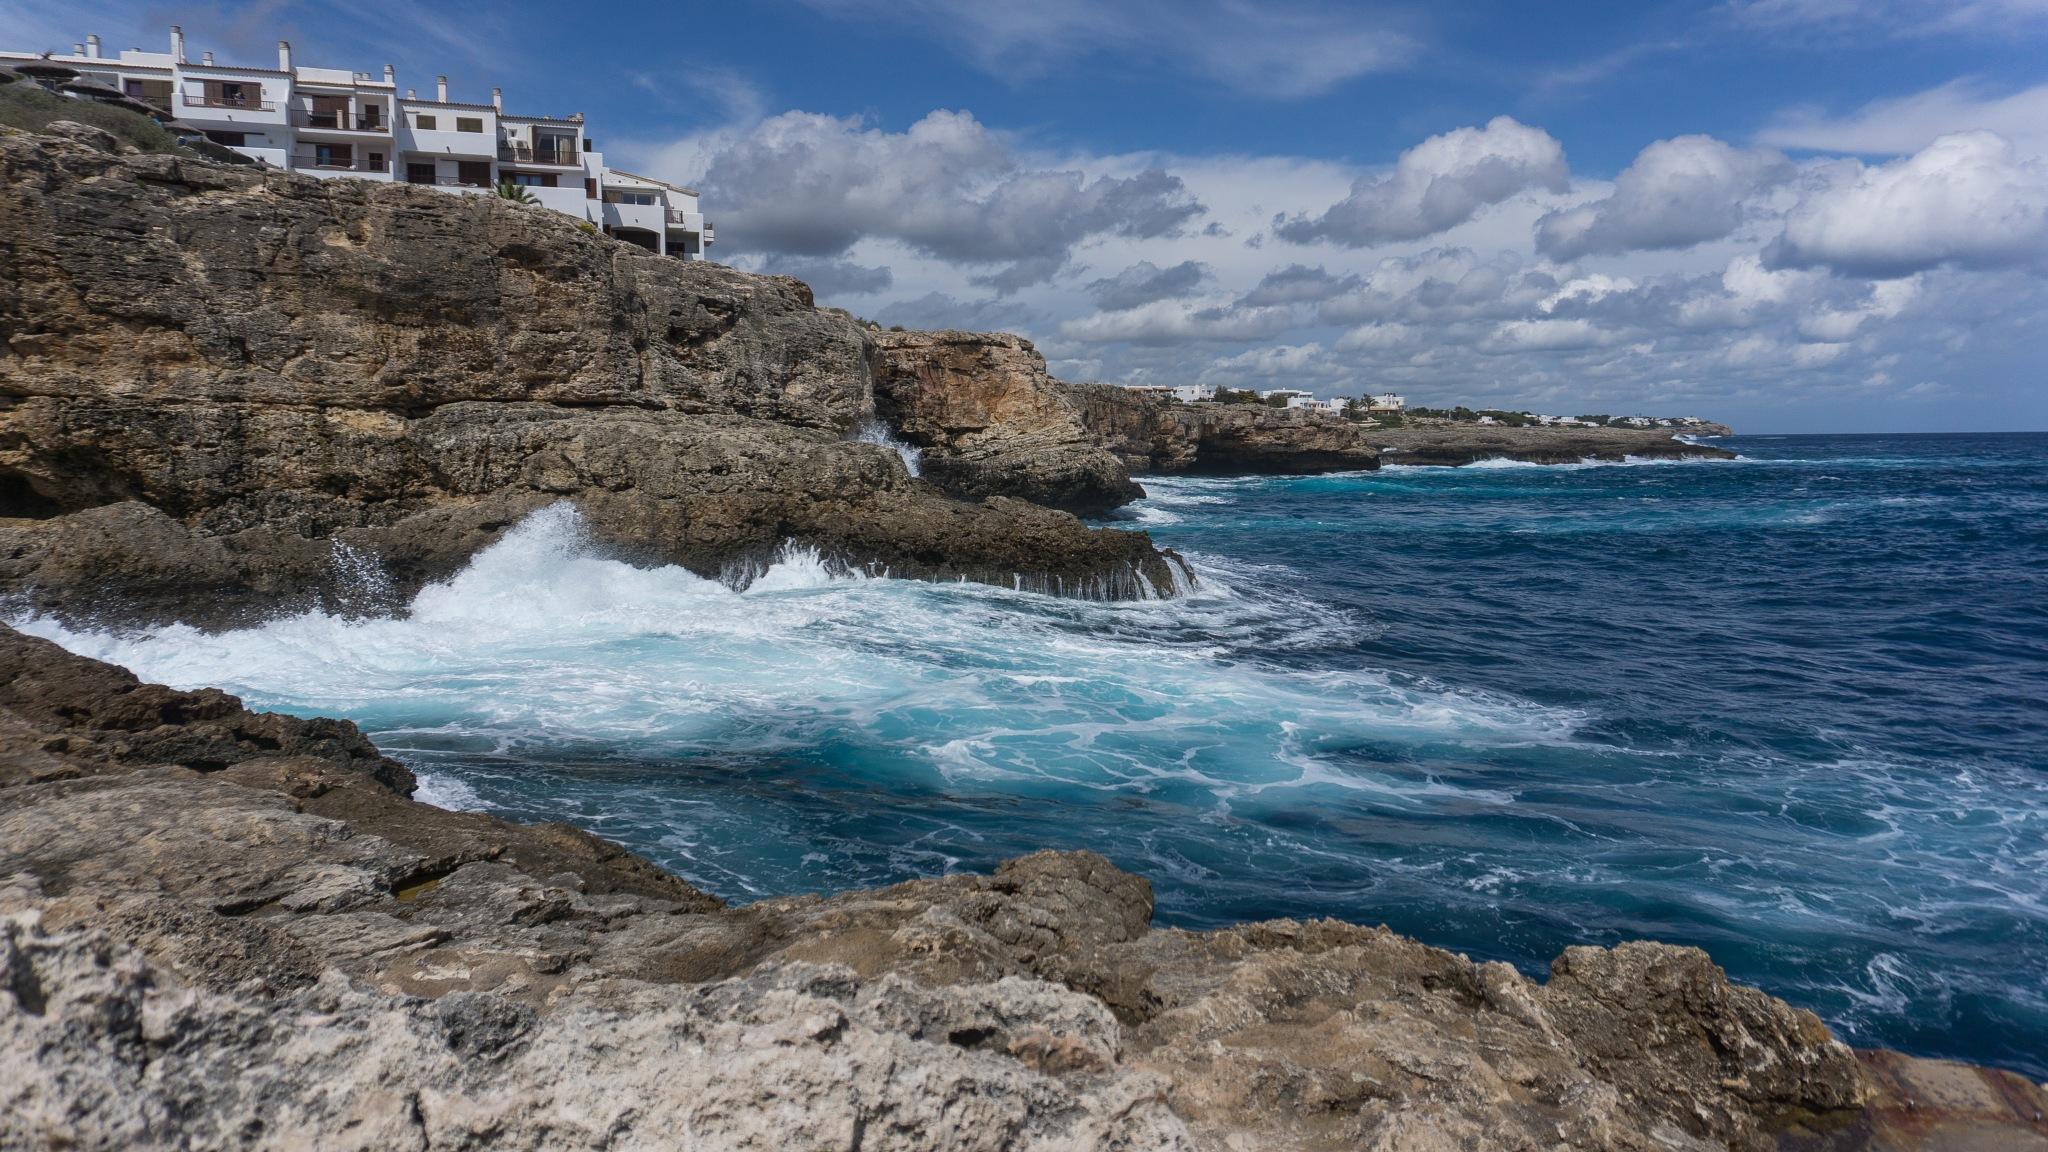 Majorca Coast by Simon Mellor